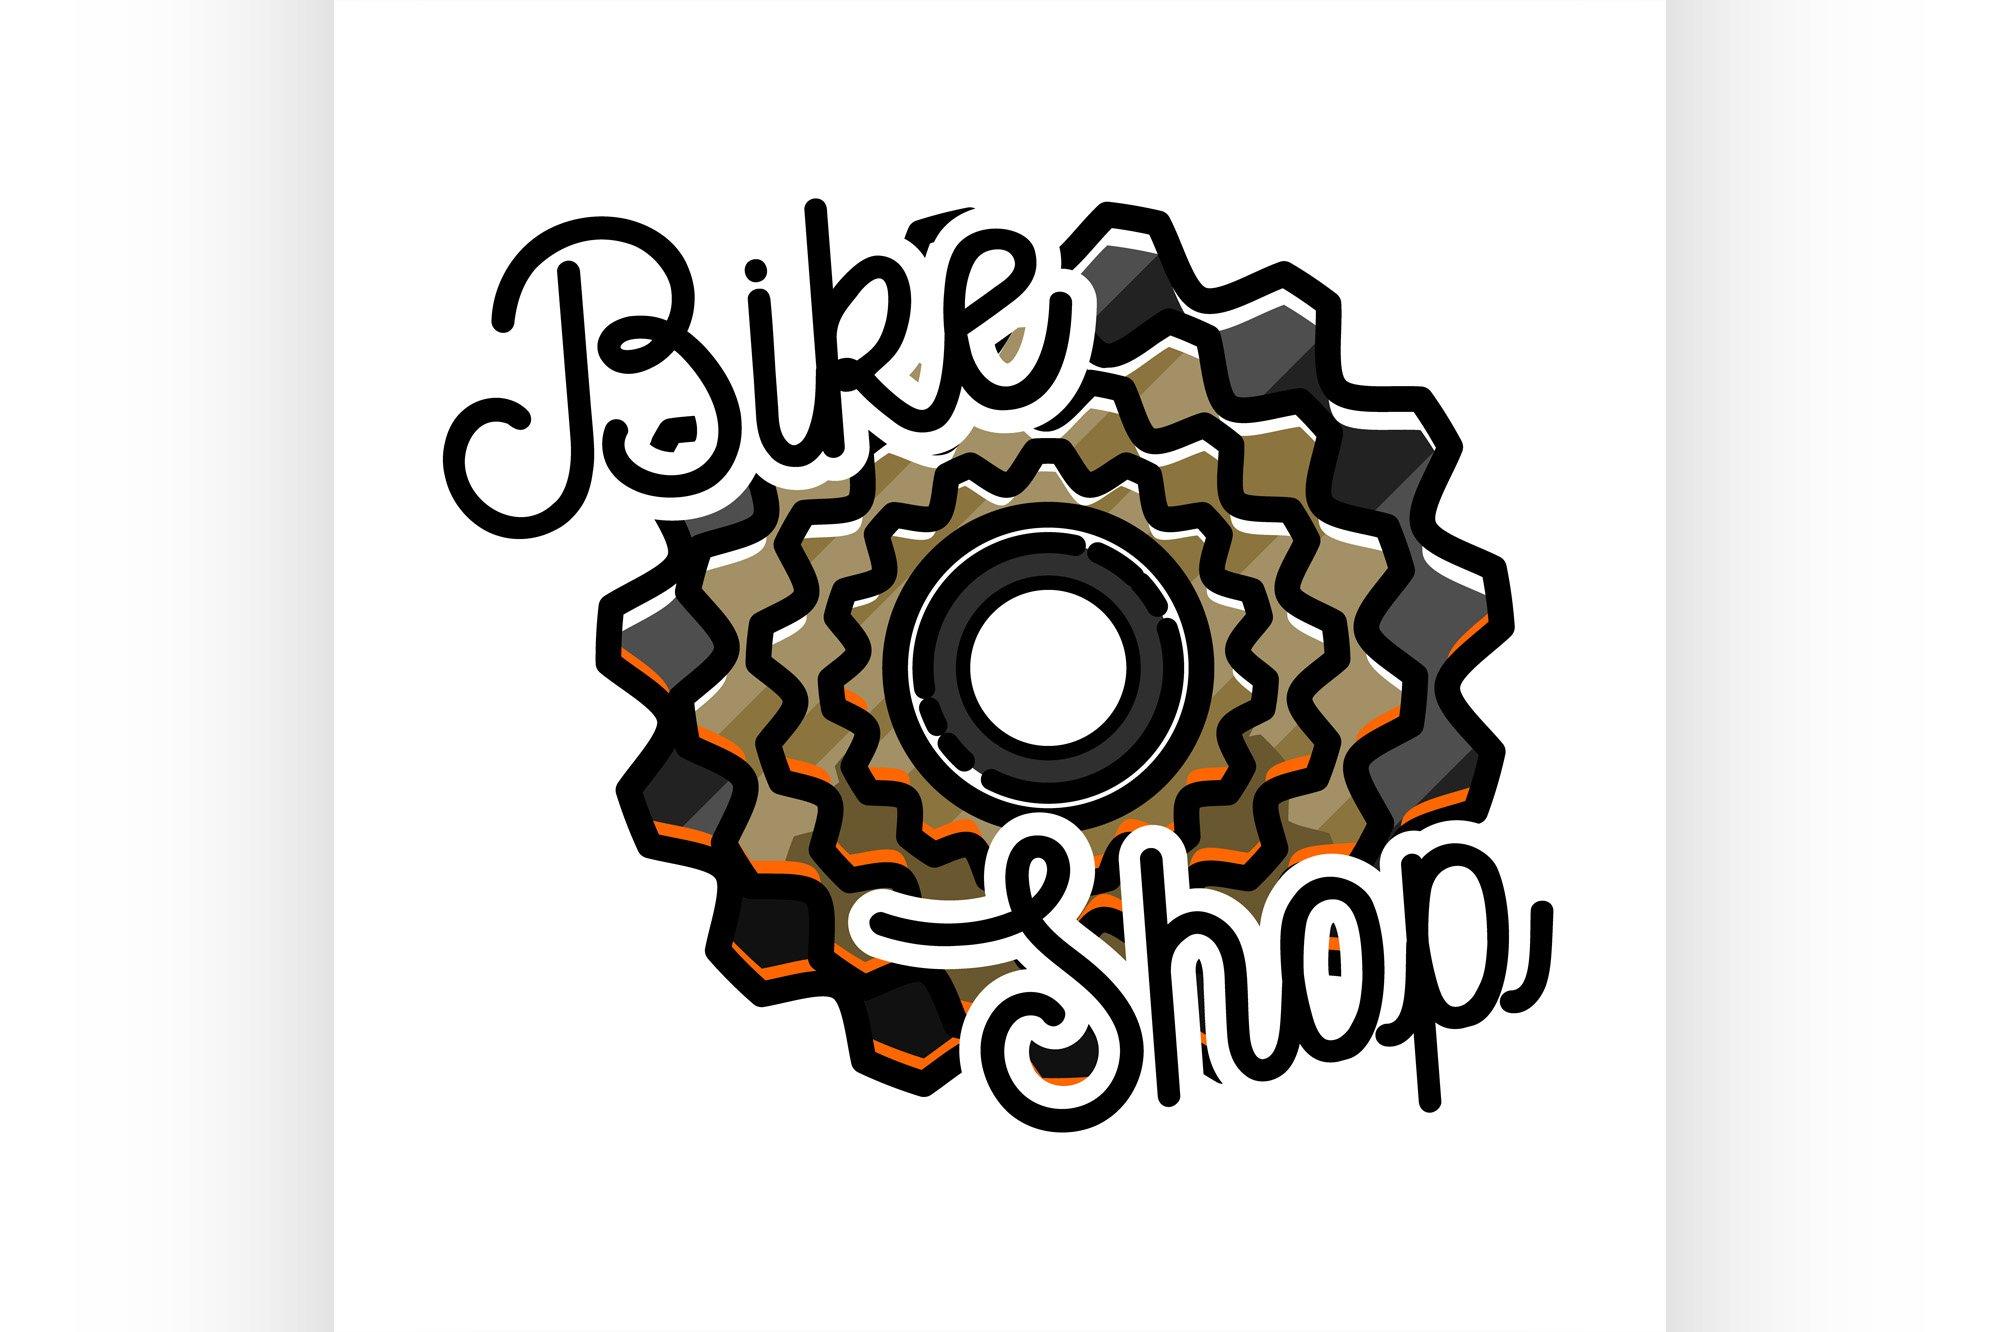 Color vintage bike shop emblem example image 1